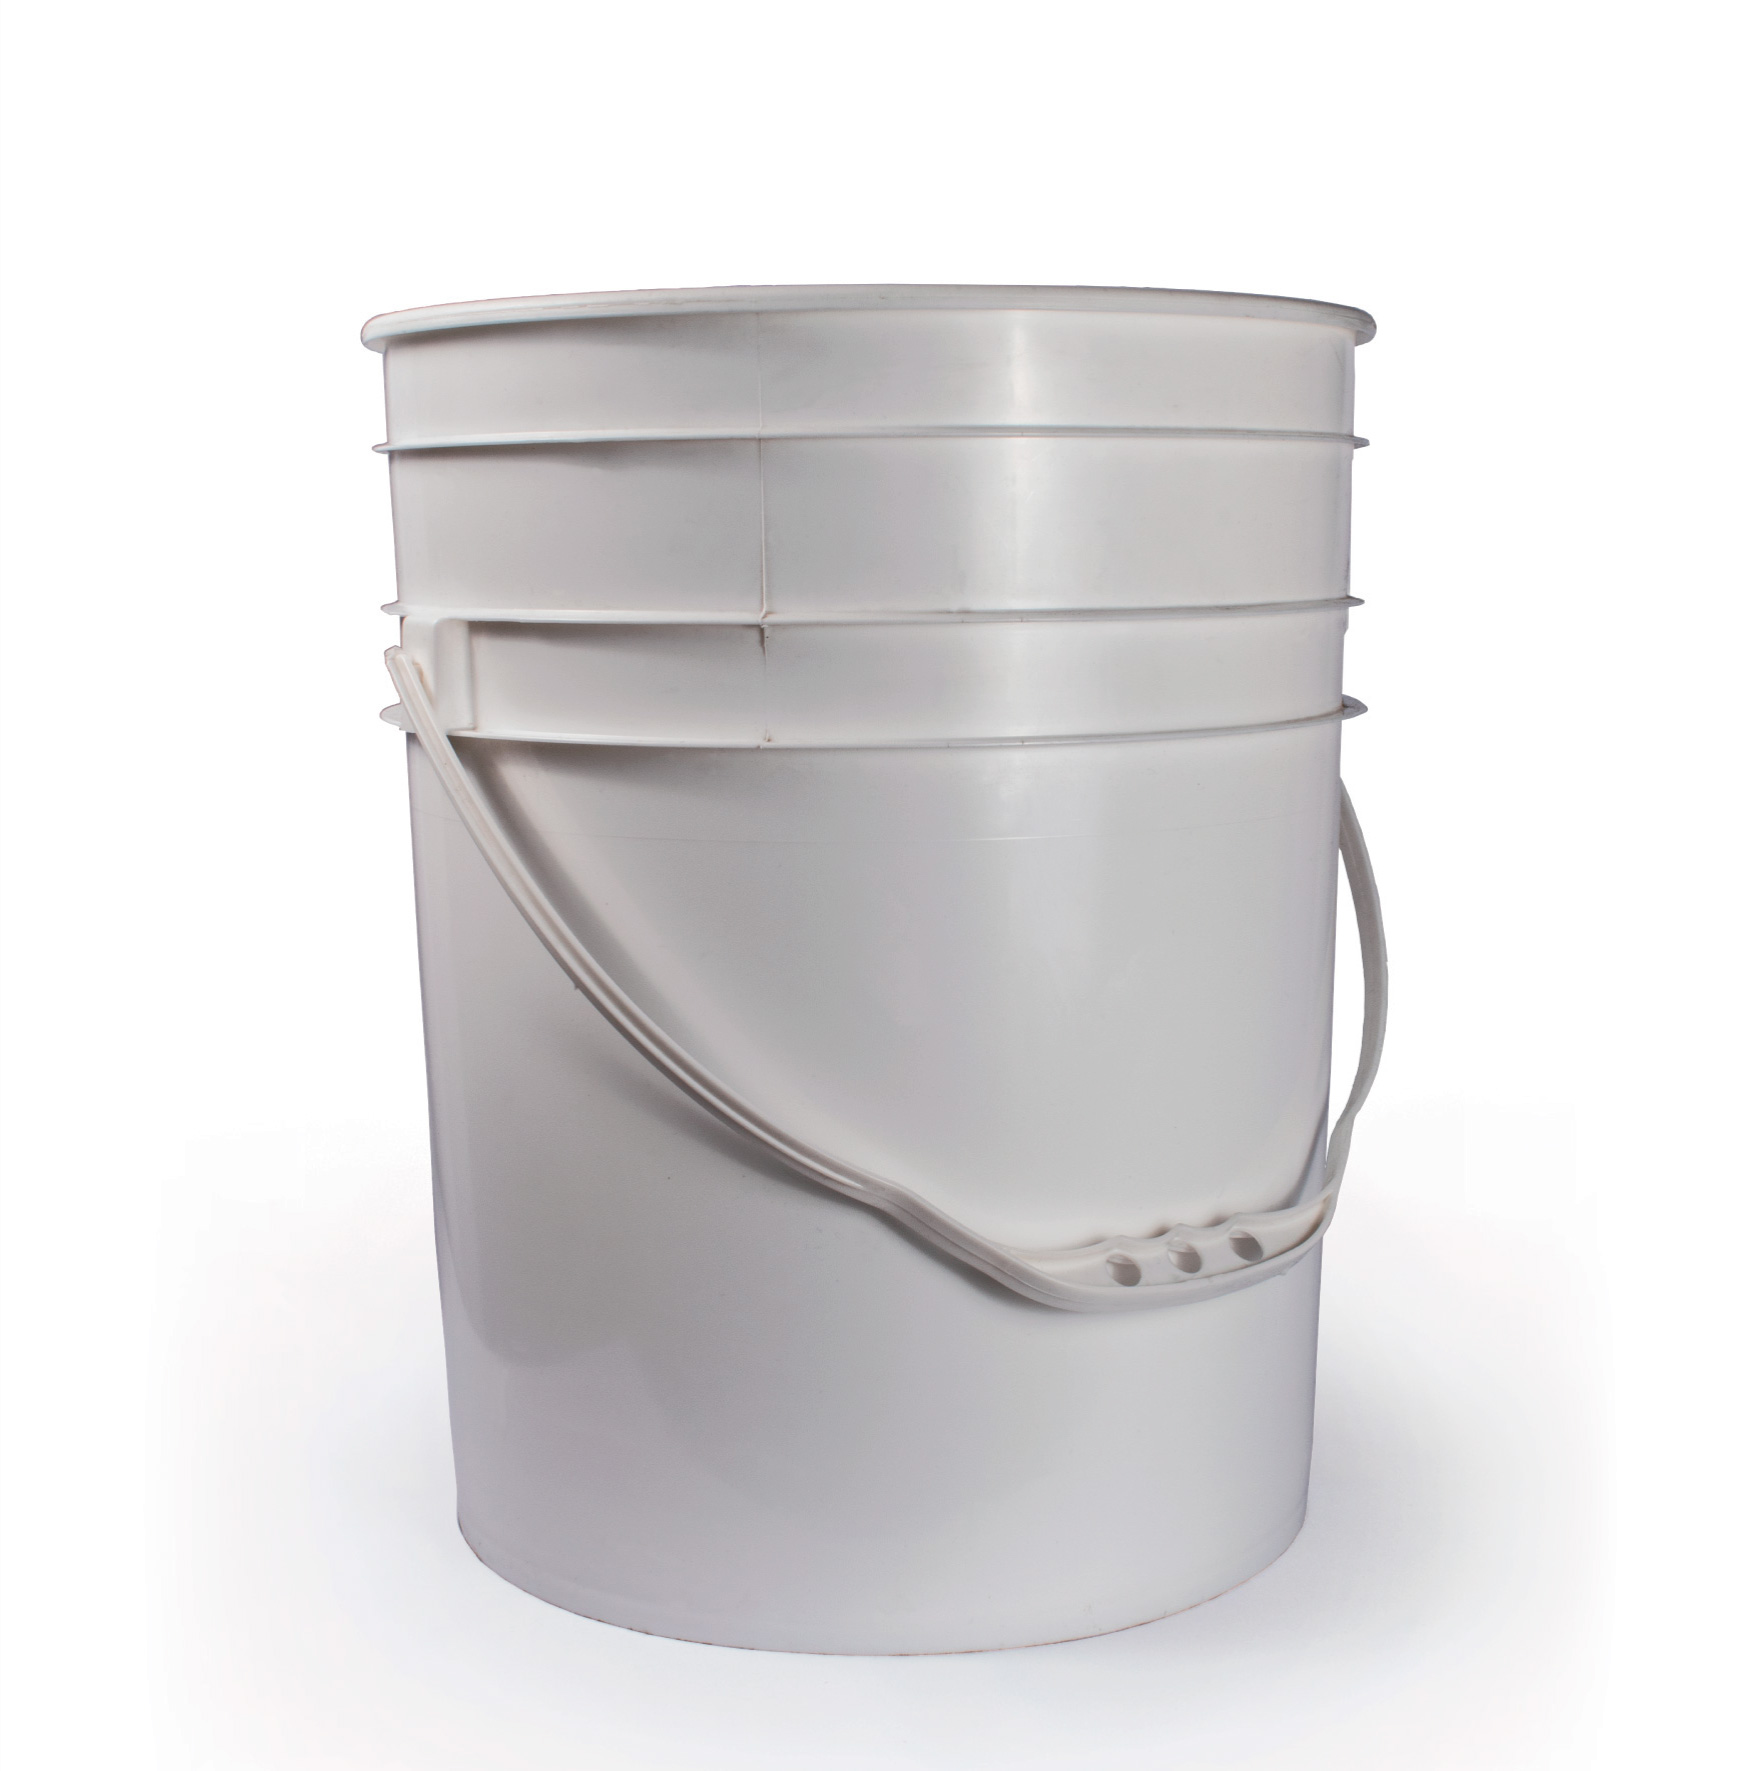 ENVASE PLASTICO 5 GALONES N3 ORIGINAL HDPE BLANCO